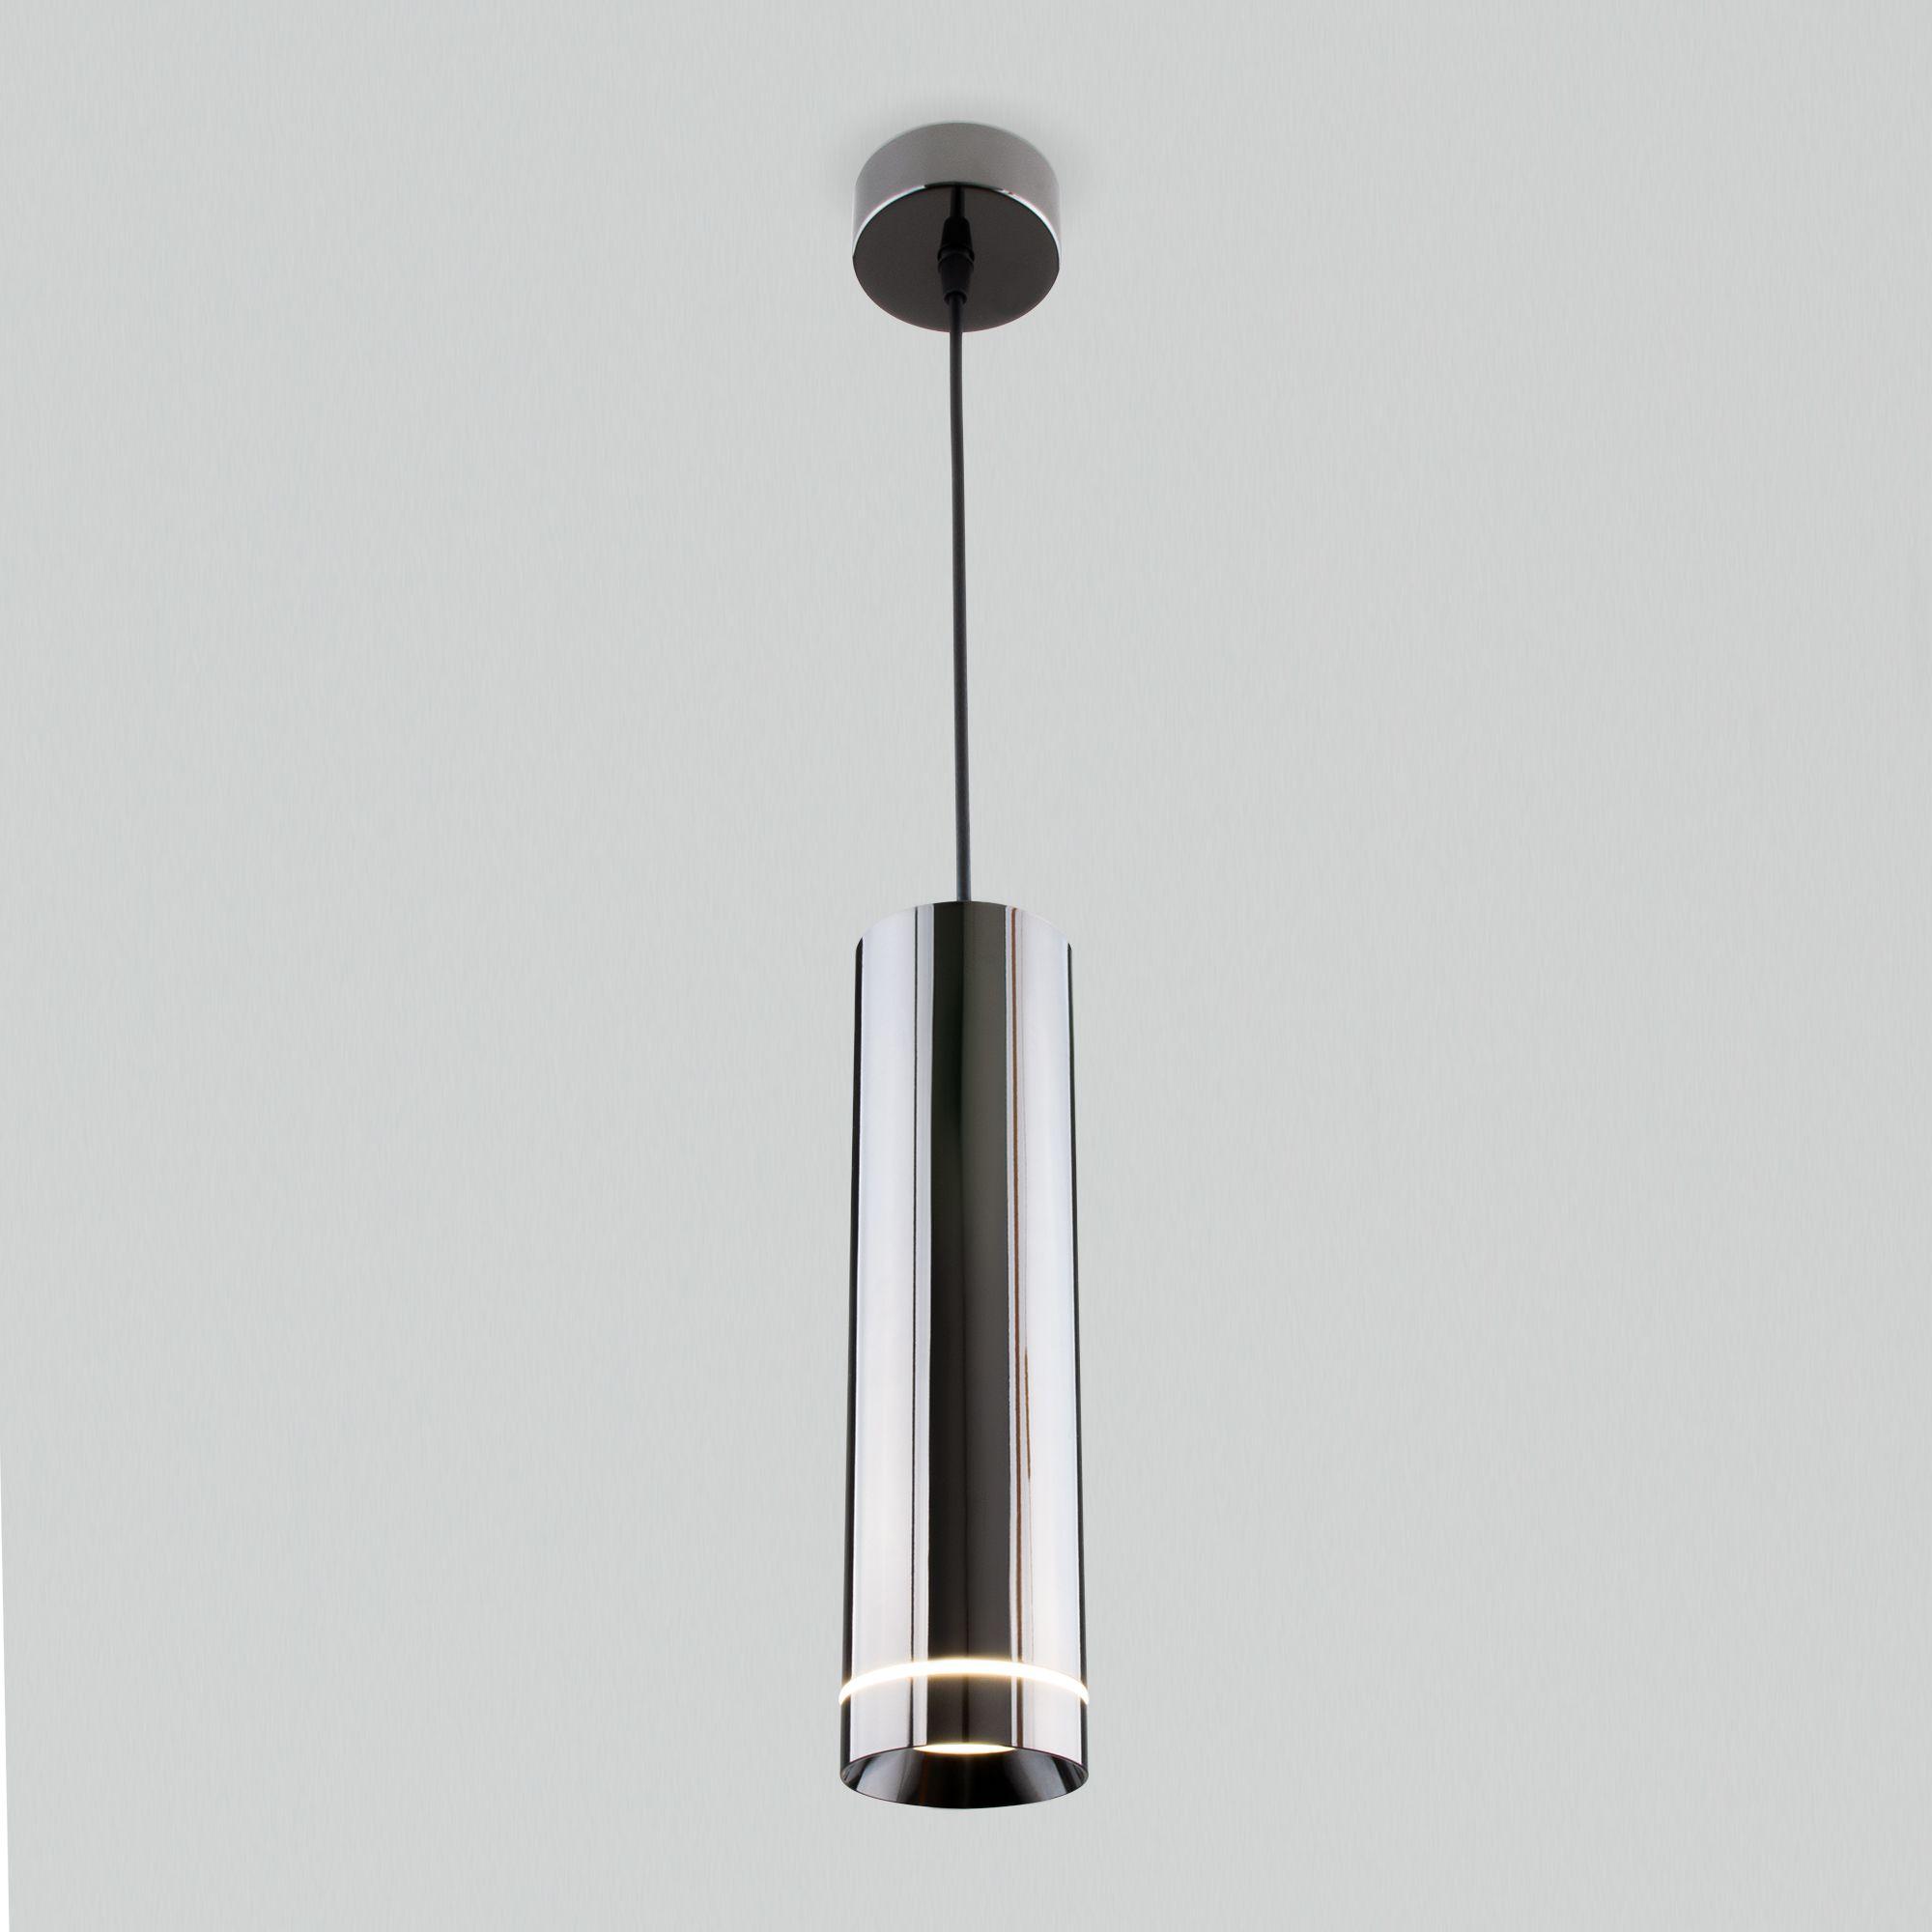 Подвесной светодиодный светильник DLR023 12W 4200K Черный жемчуг